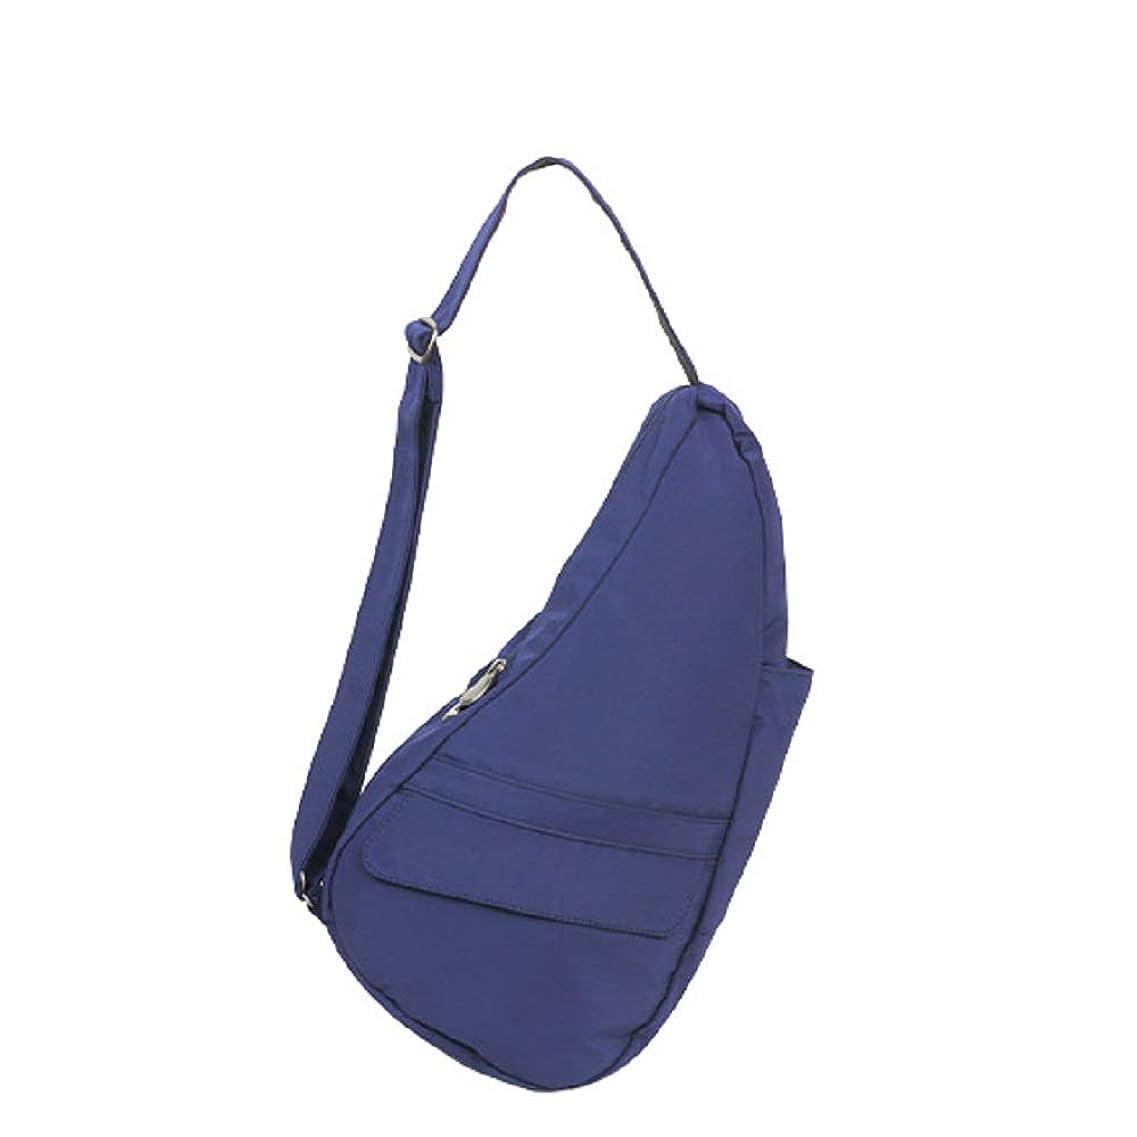 インタビュー関与する泥棒[ヘルシーバックバッグ] HEALTHY BACK BAG Sサイズ 7103 NAVY [並行輸入品]